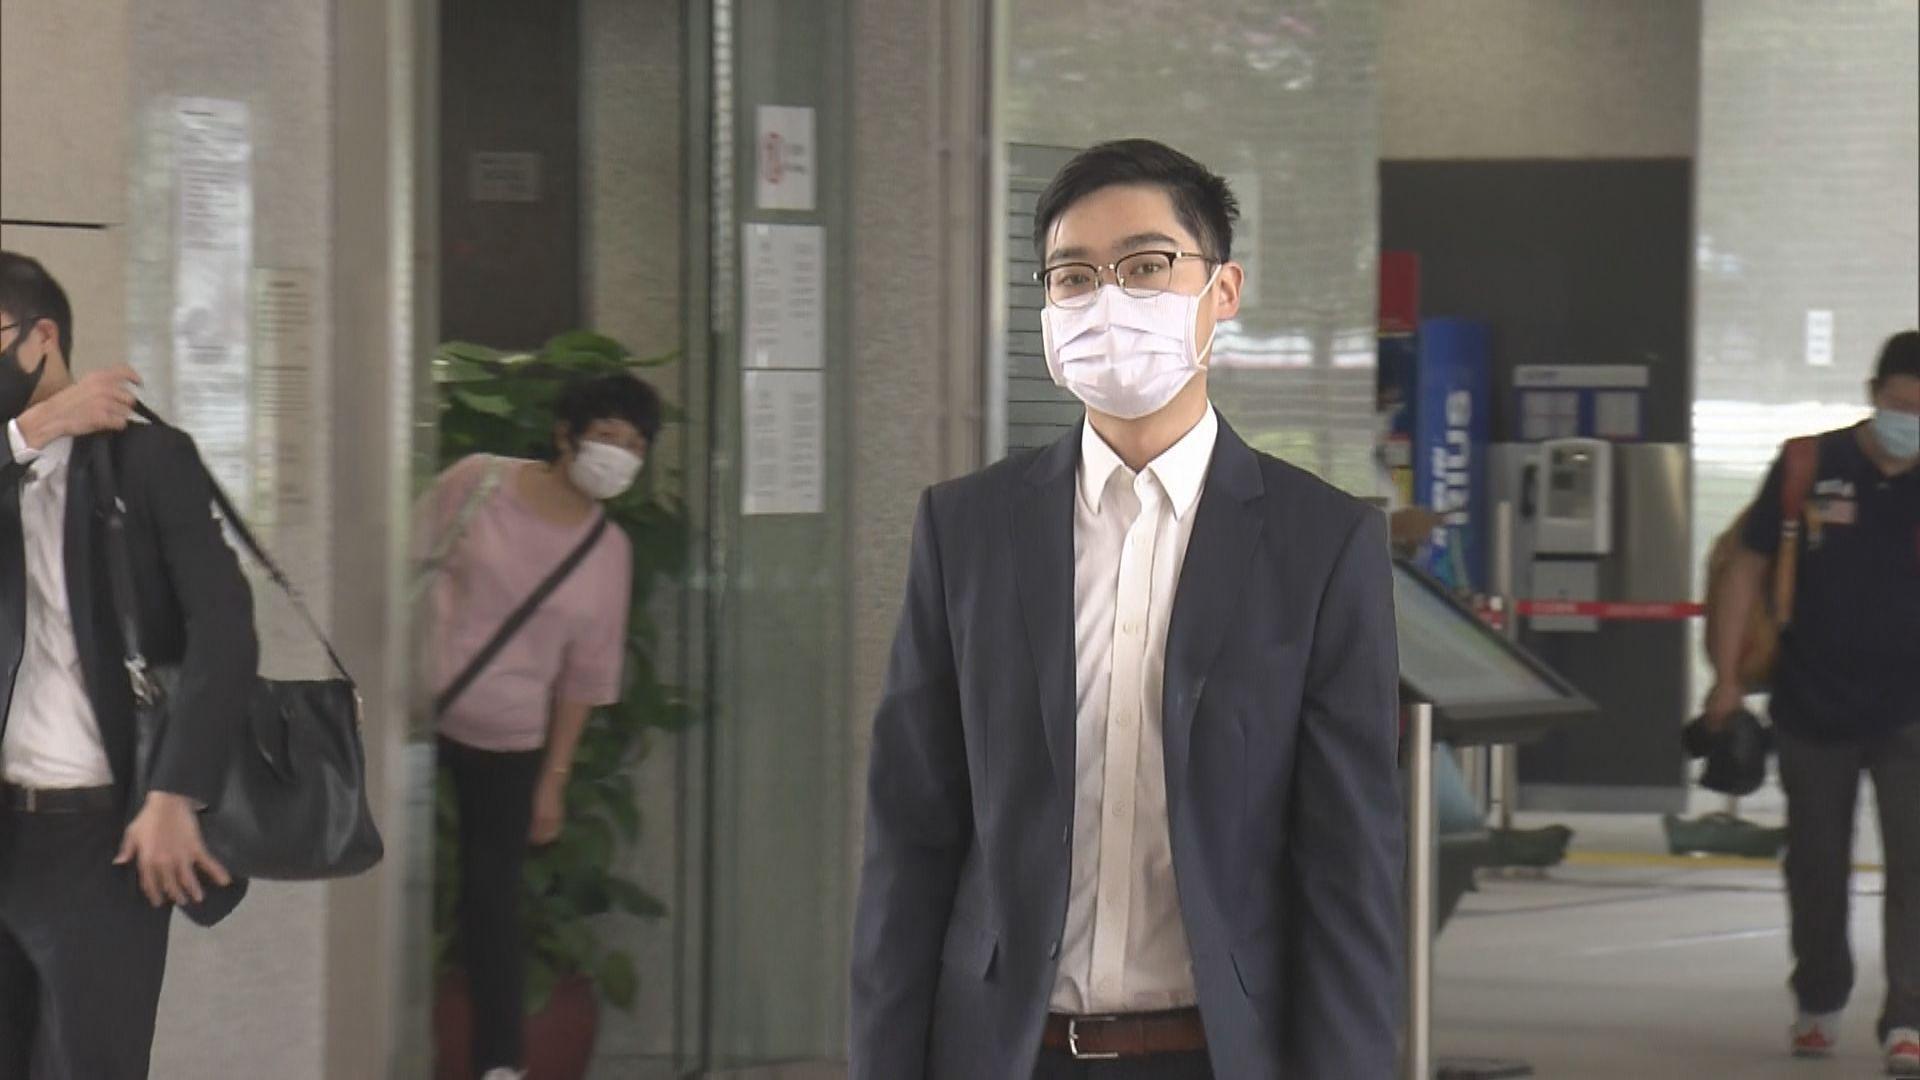 陳浩天被控非法集結等罪 報稱遇襲警長作供